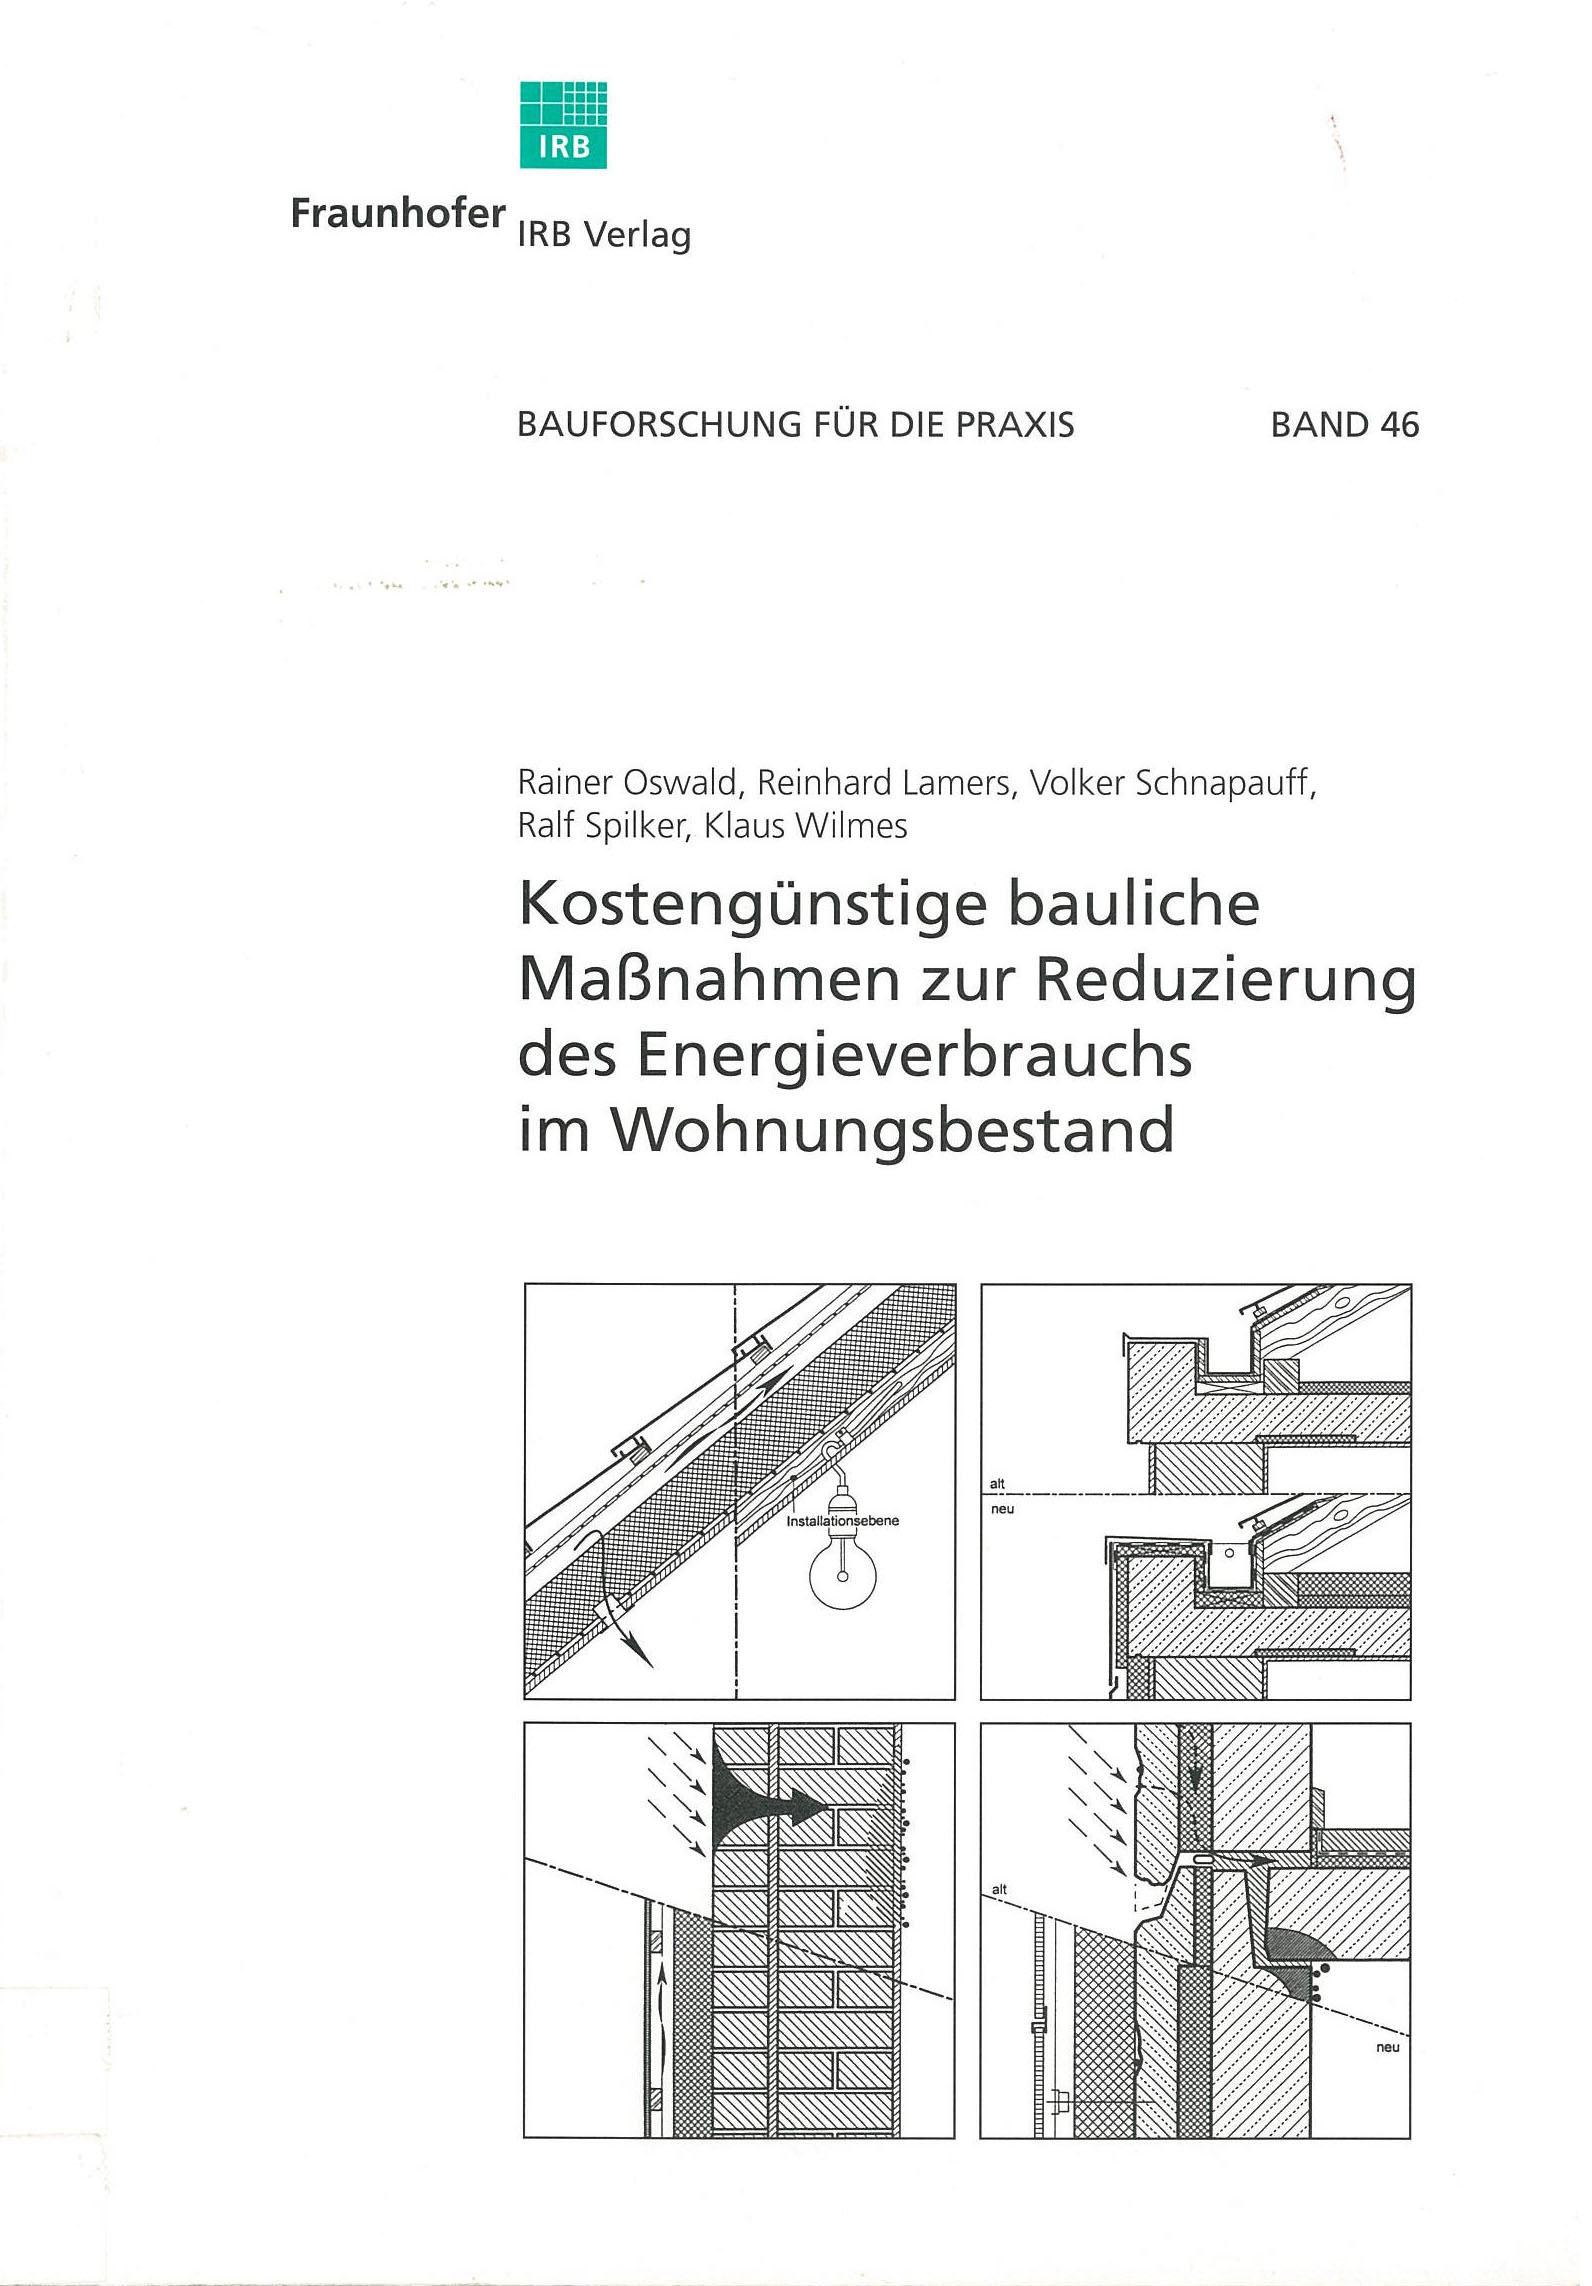 Forschungsbericht: Kostengünstige Maßnahmen zur reduzierung des Energieverbrauchs im Wohnungsbestand - Cover